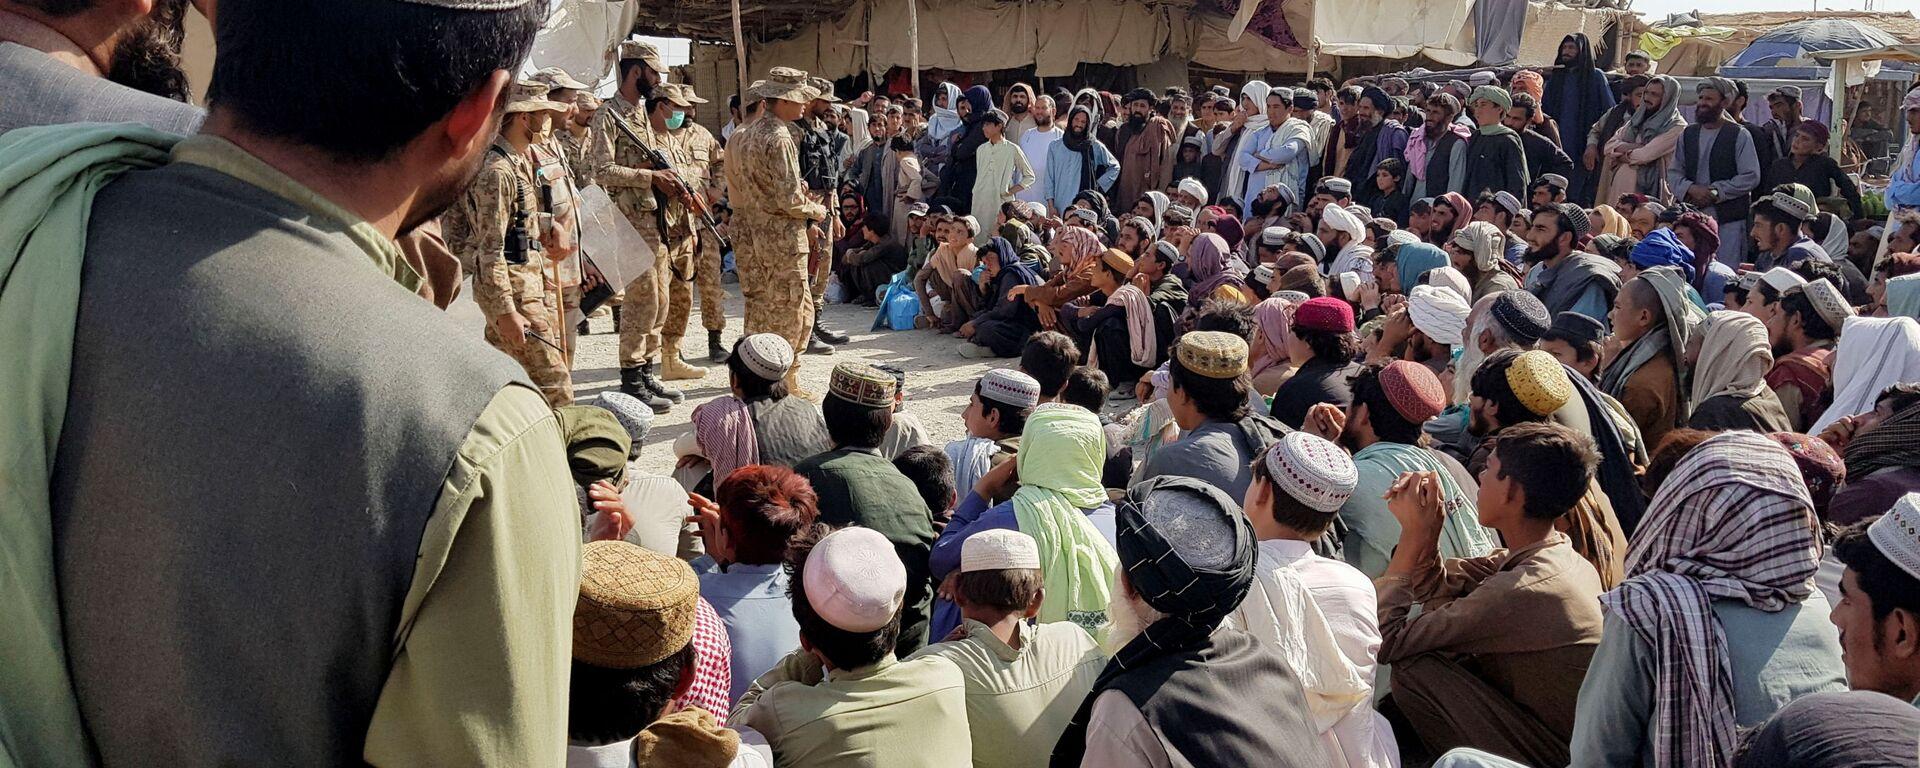 Солдаты пакистанской армии разговаривают с людьми, которые собираются пересечь пункт пропуска в пакистано-афганском пограничном городе Чаман - Sputnik Таджикистан, 1920, 06.09.2021